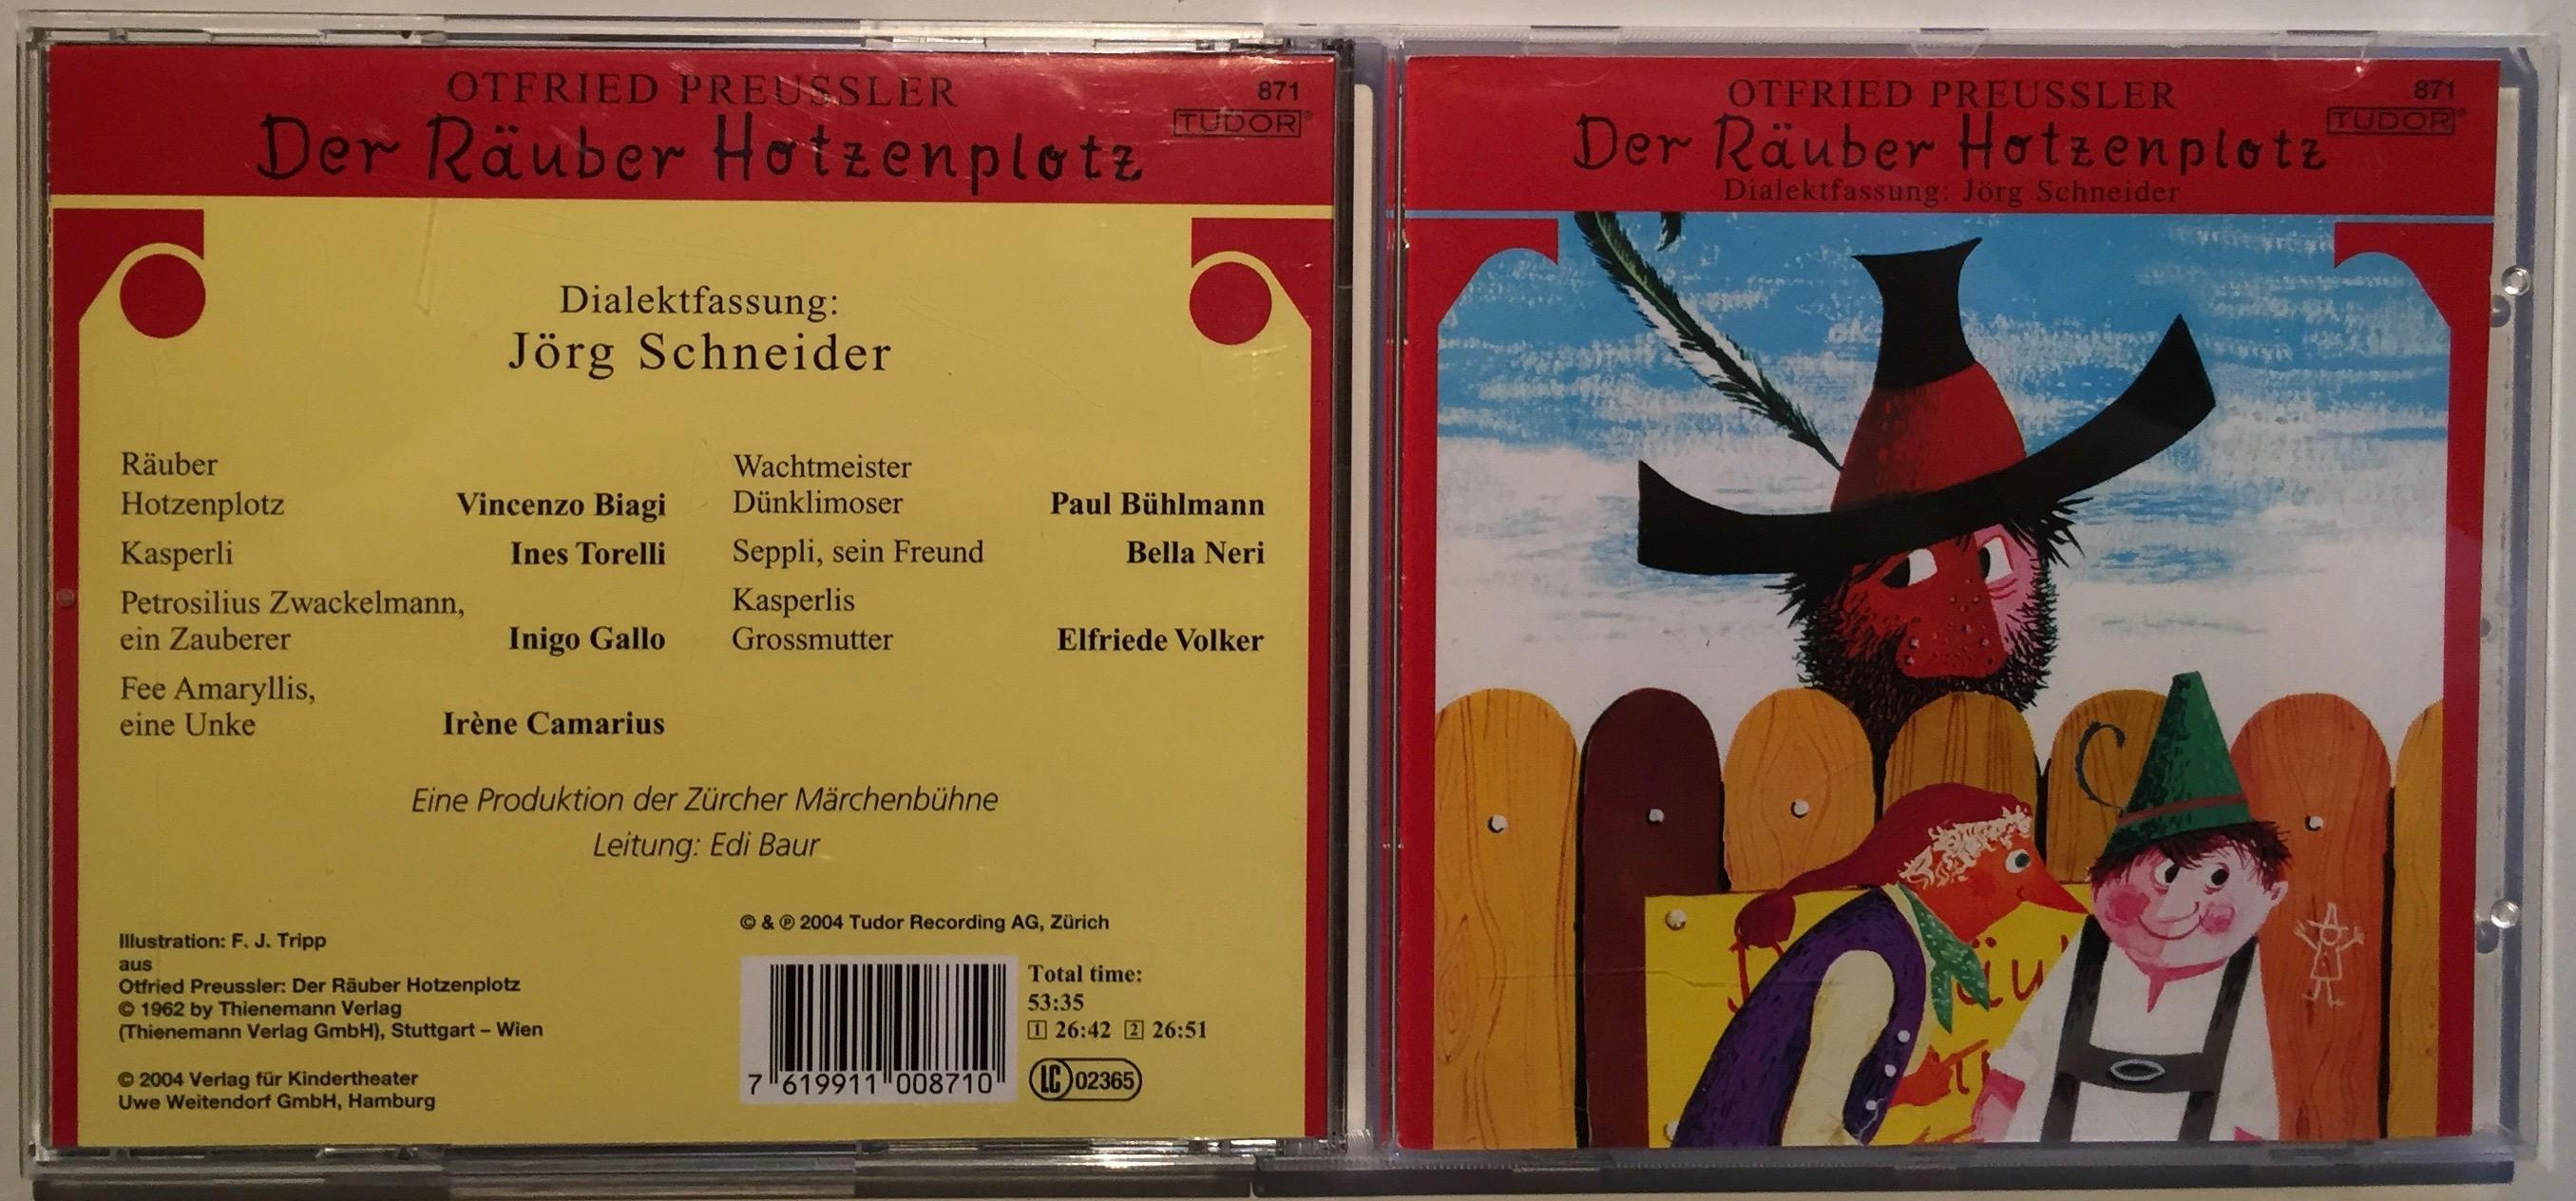 CD) Der Räuber Hotzenplotz. Dialektfassung: Jörg Schneider.: Preussler, Otfried